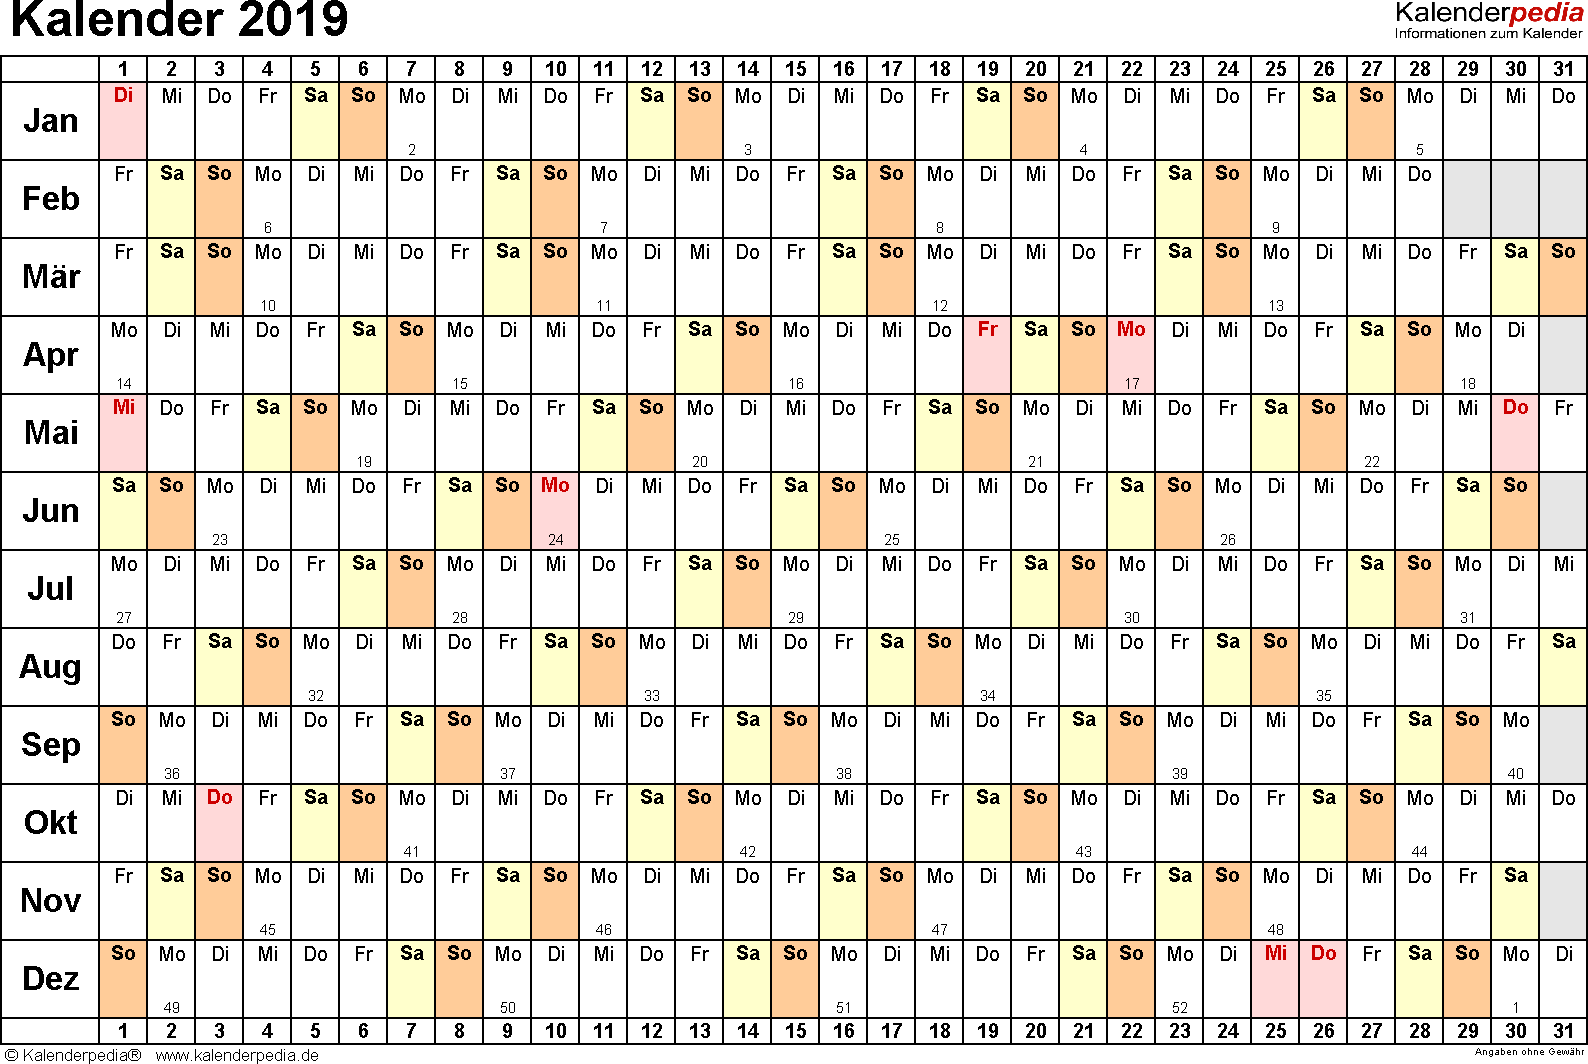 Vorlage 6: Kalender 2019 als PDF-Datei, Querformat, 1 Seite, Tage linear